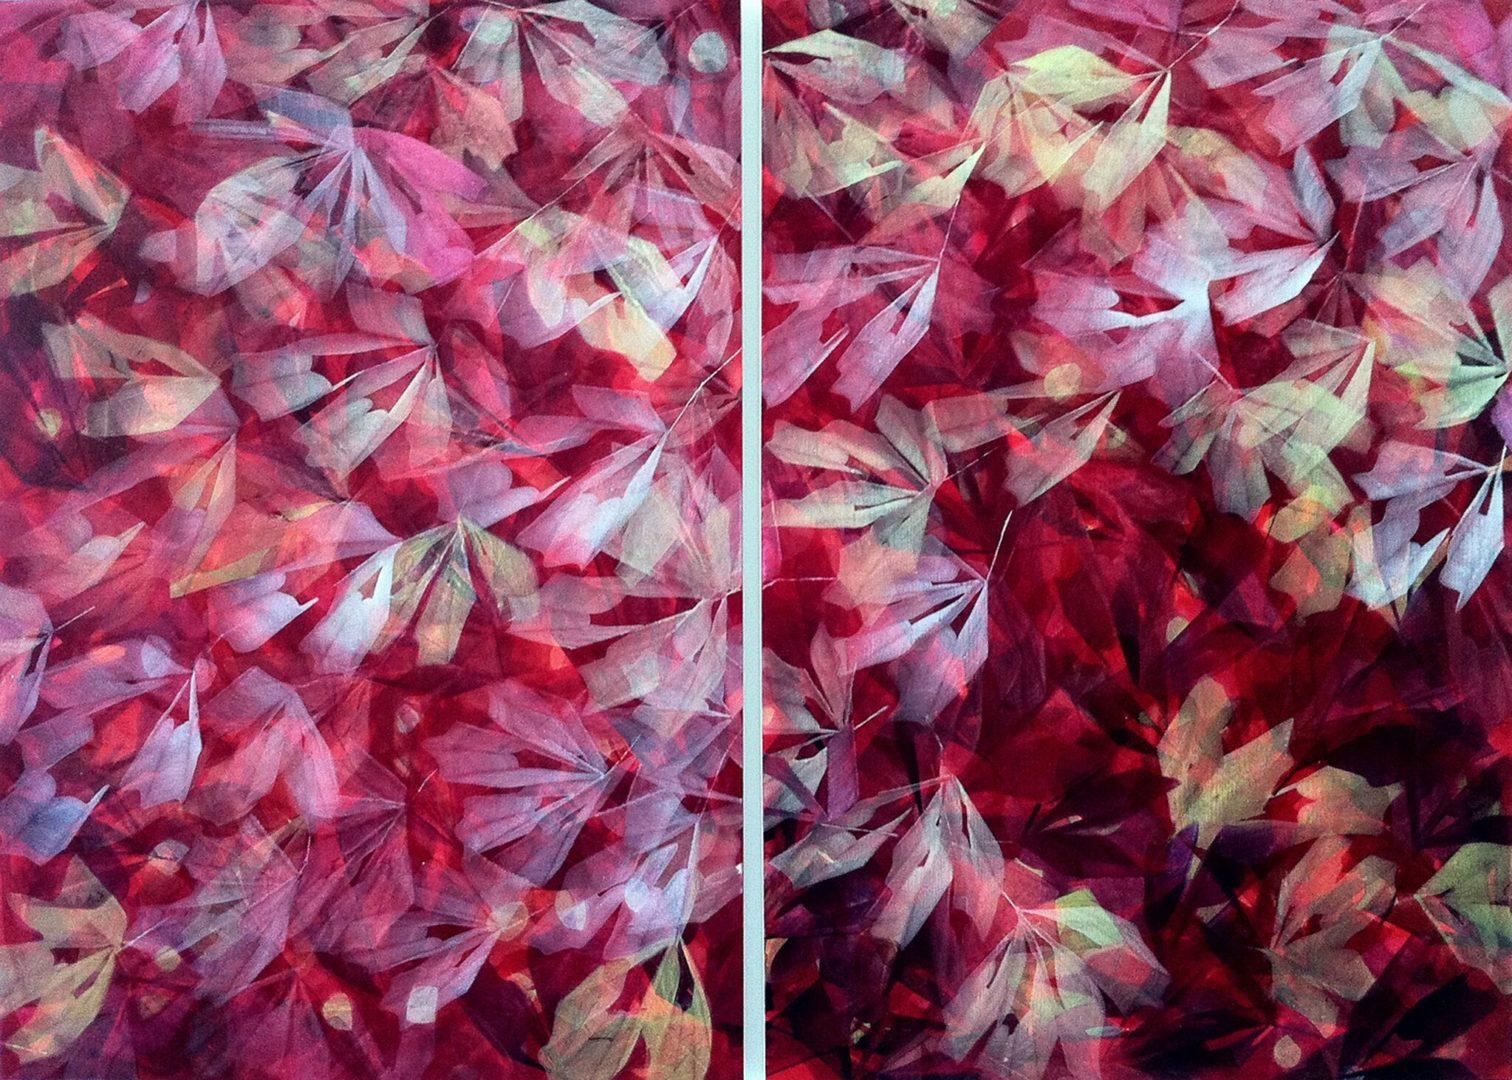 Sommer 2011 - Acryl Lasur auf Holz, Diptychon, 2 x 100 x 70 cm, 2011, in Privatbesitz ©Ursula Heermann-Jensen